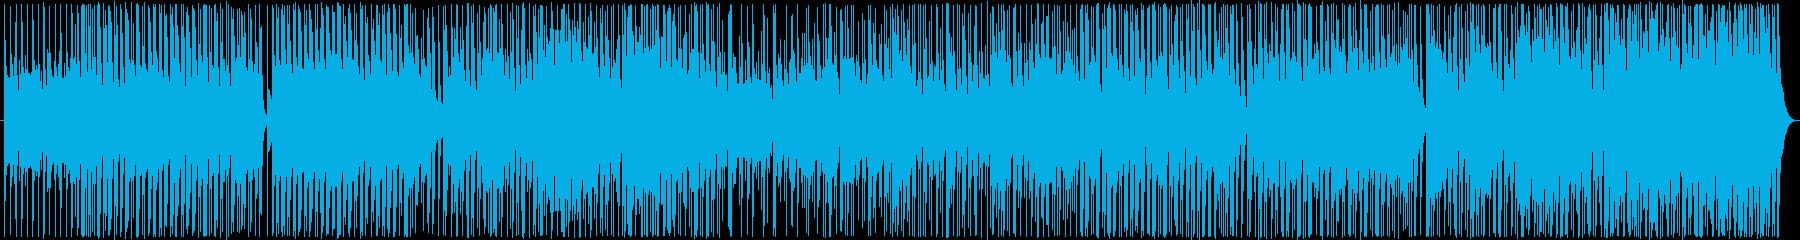 三味線と尺八が中心の弾むような和風BGMの再生済みの波形